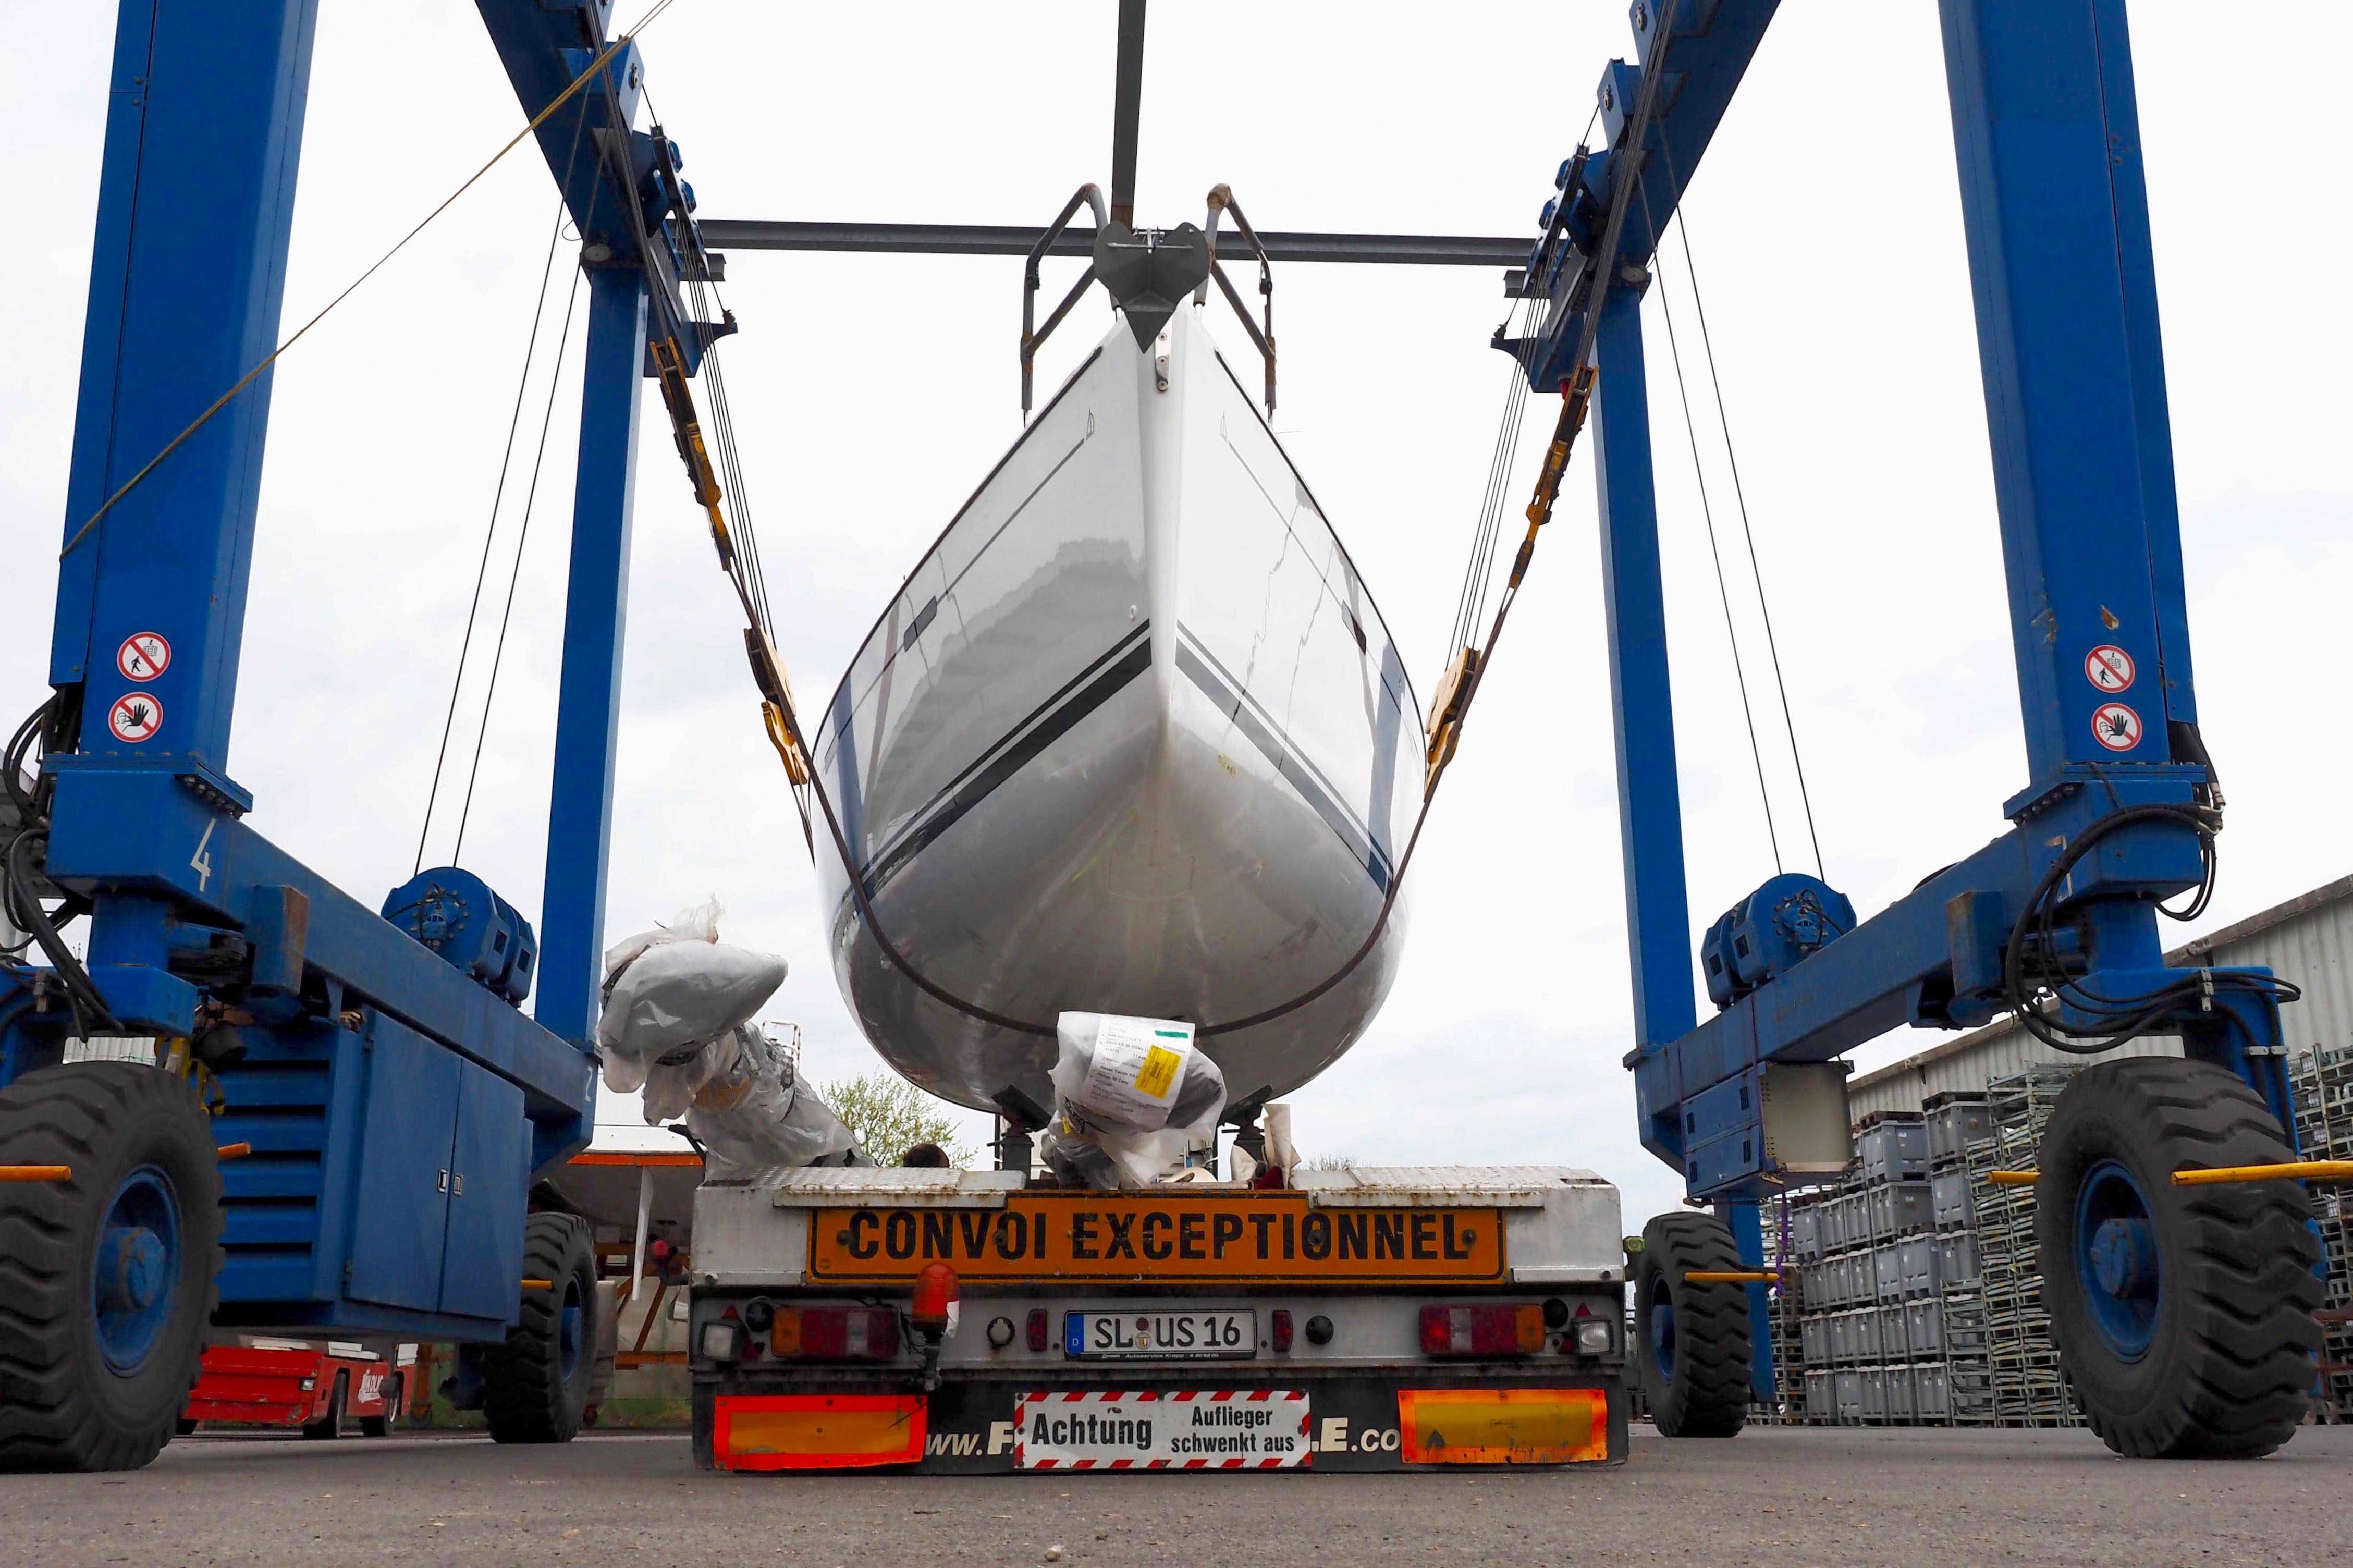 Auslieferung: Eine Hanse wird auf einen Tieflader gestellt, der das Schiff zum Empfänger schafft. Immer öfter kommen Eigner aber auch nach Greifswald, um ihre Boote am Werftsteg zu übernehmen und damit nach Hause zu segeln. Foto: Dieter Loibner